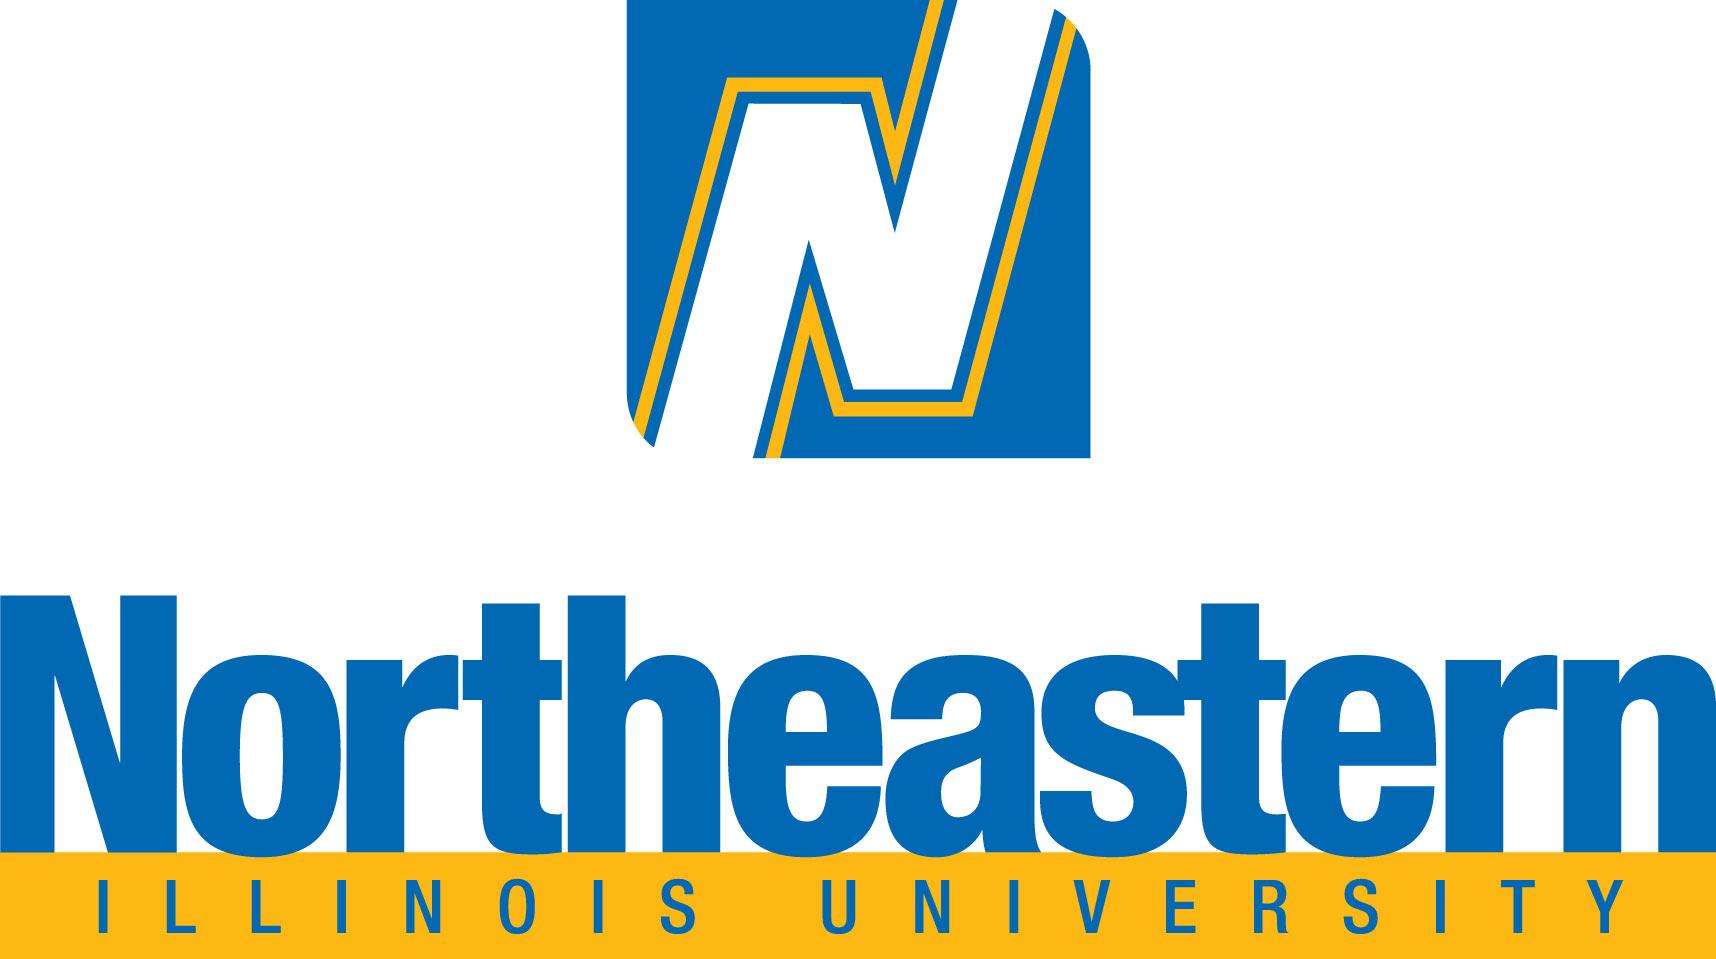 Northeastern Illinois Univ